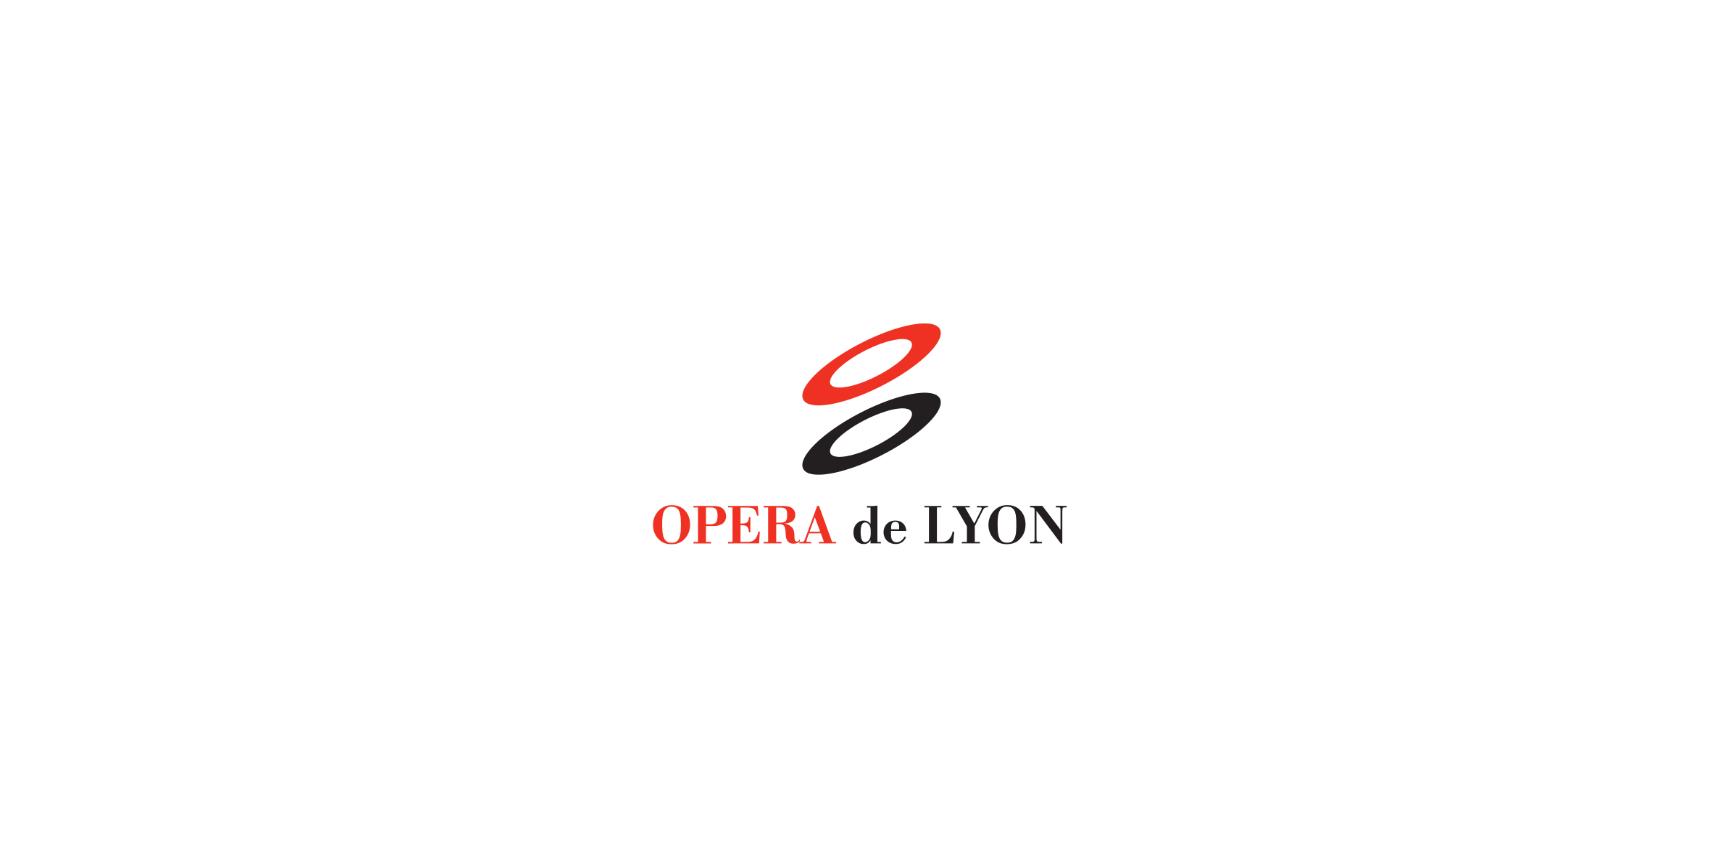 Opéra de Lyon announces season 21/22